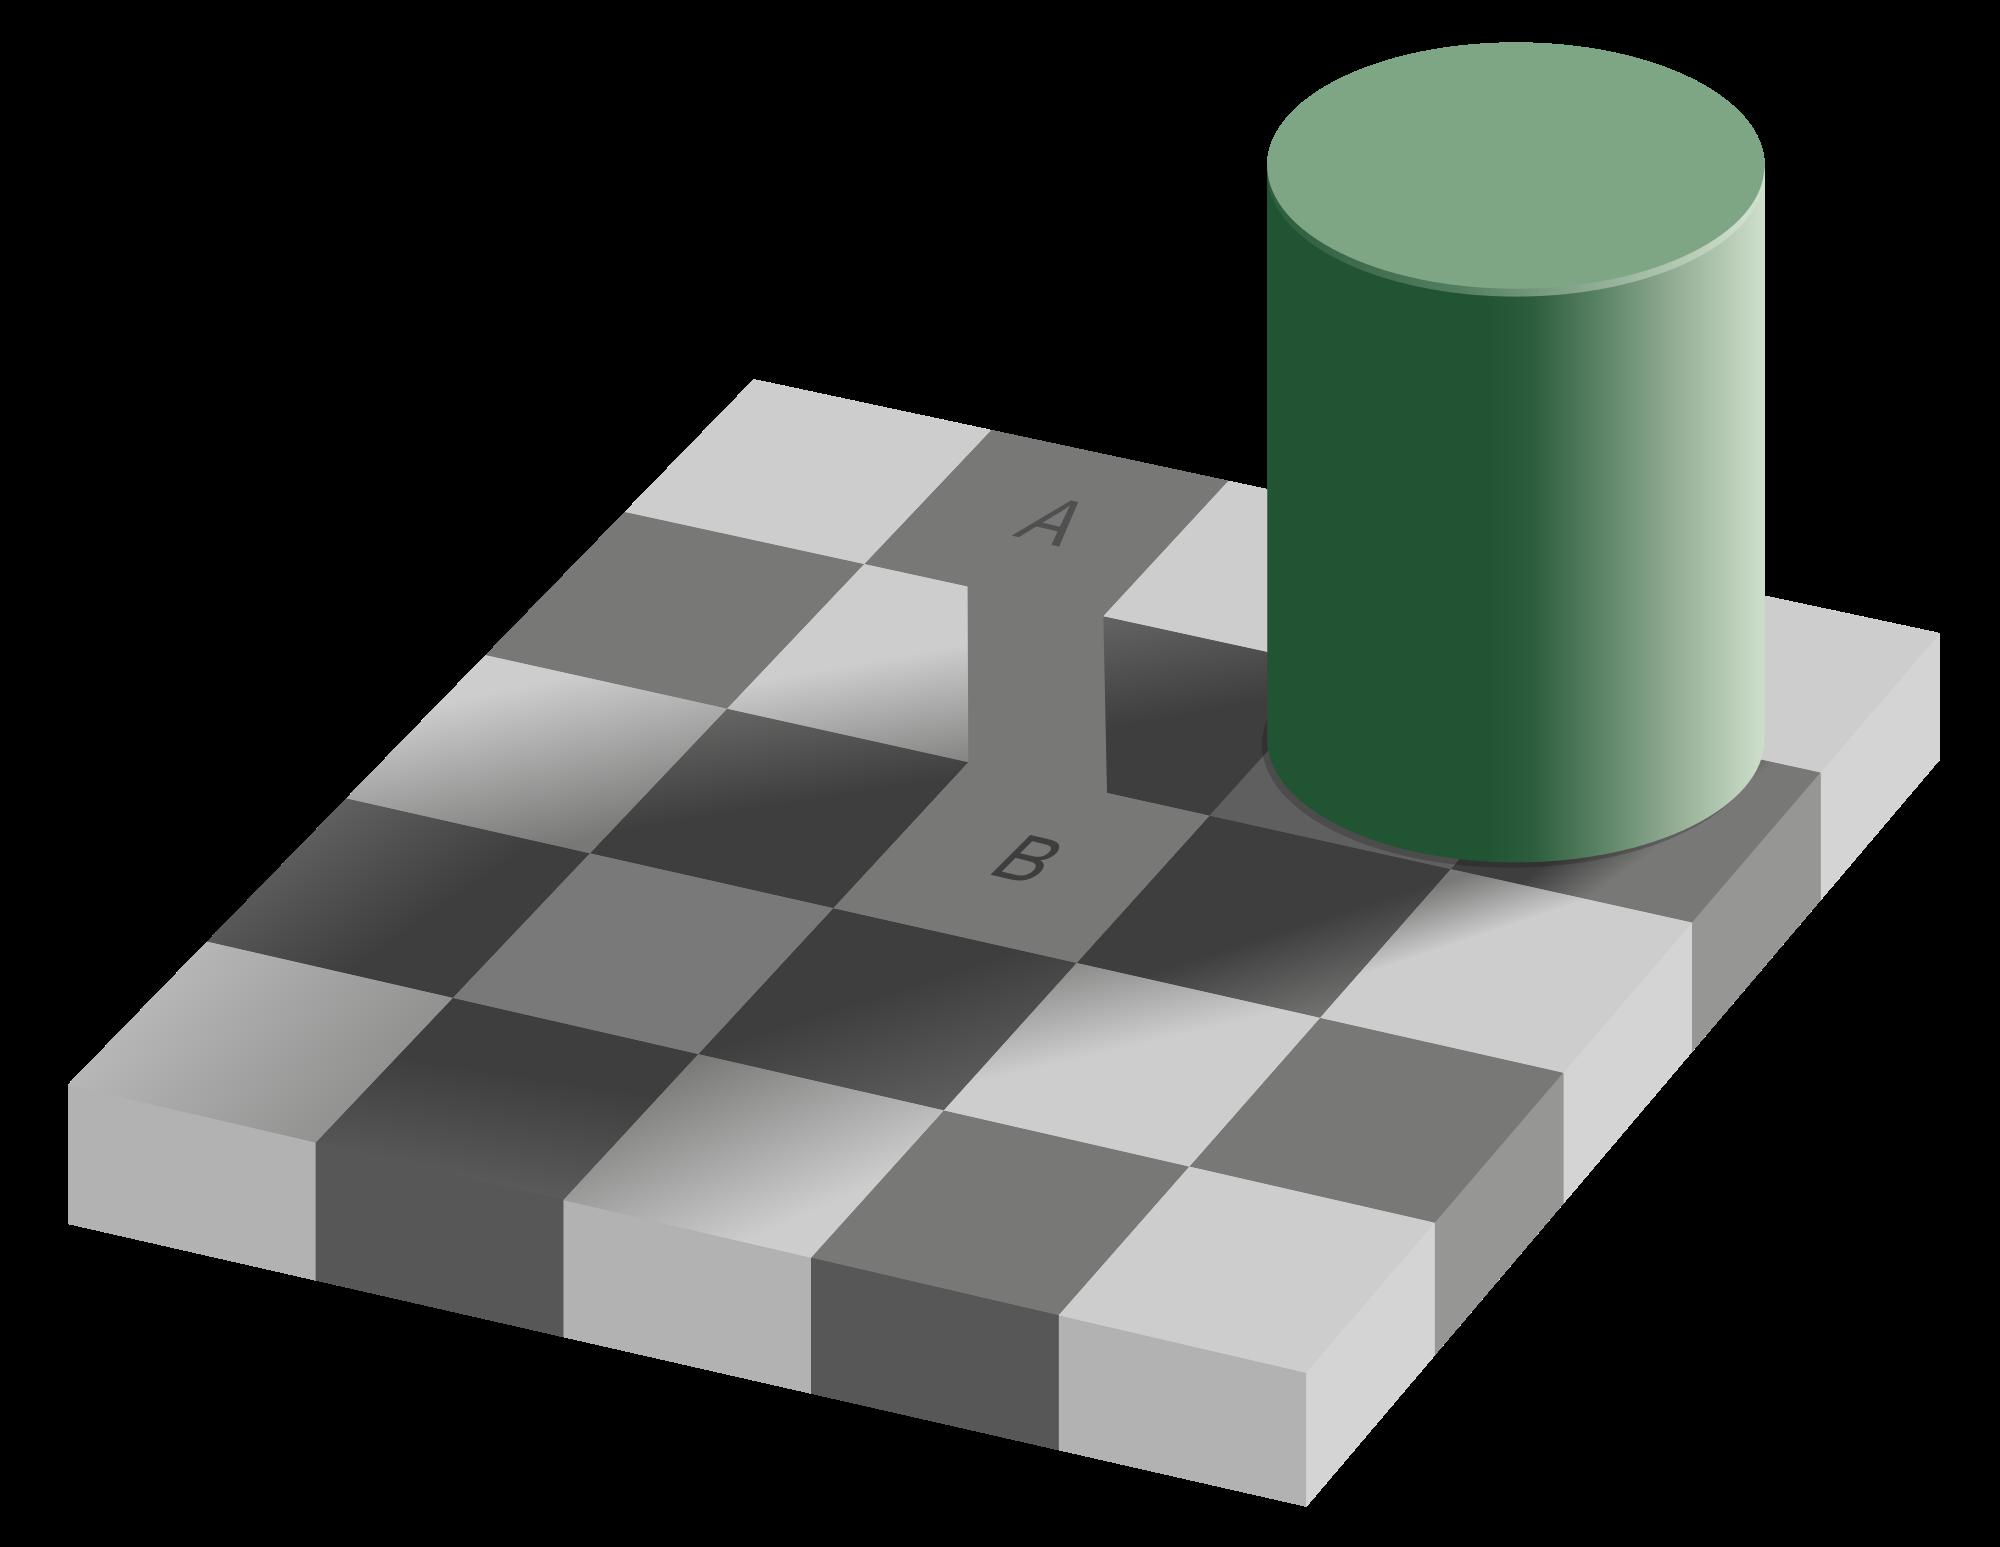 Drawn optical illusion allusion Illusion breaks shows two are